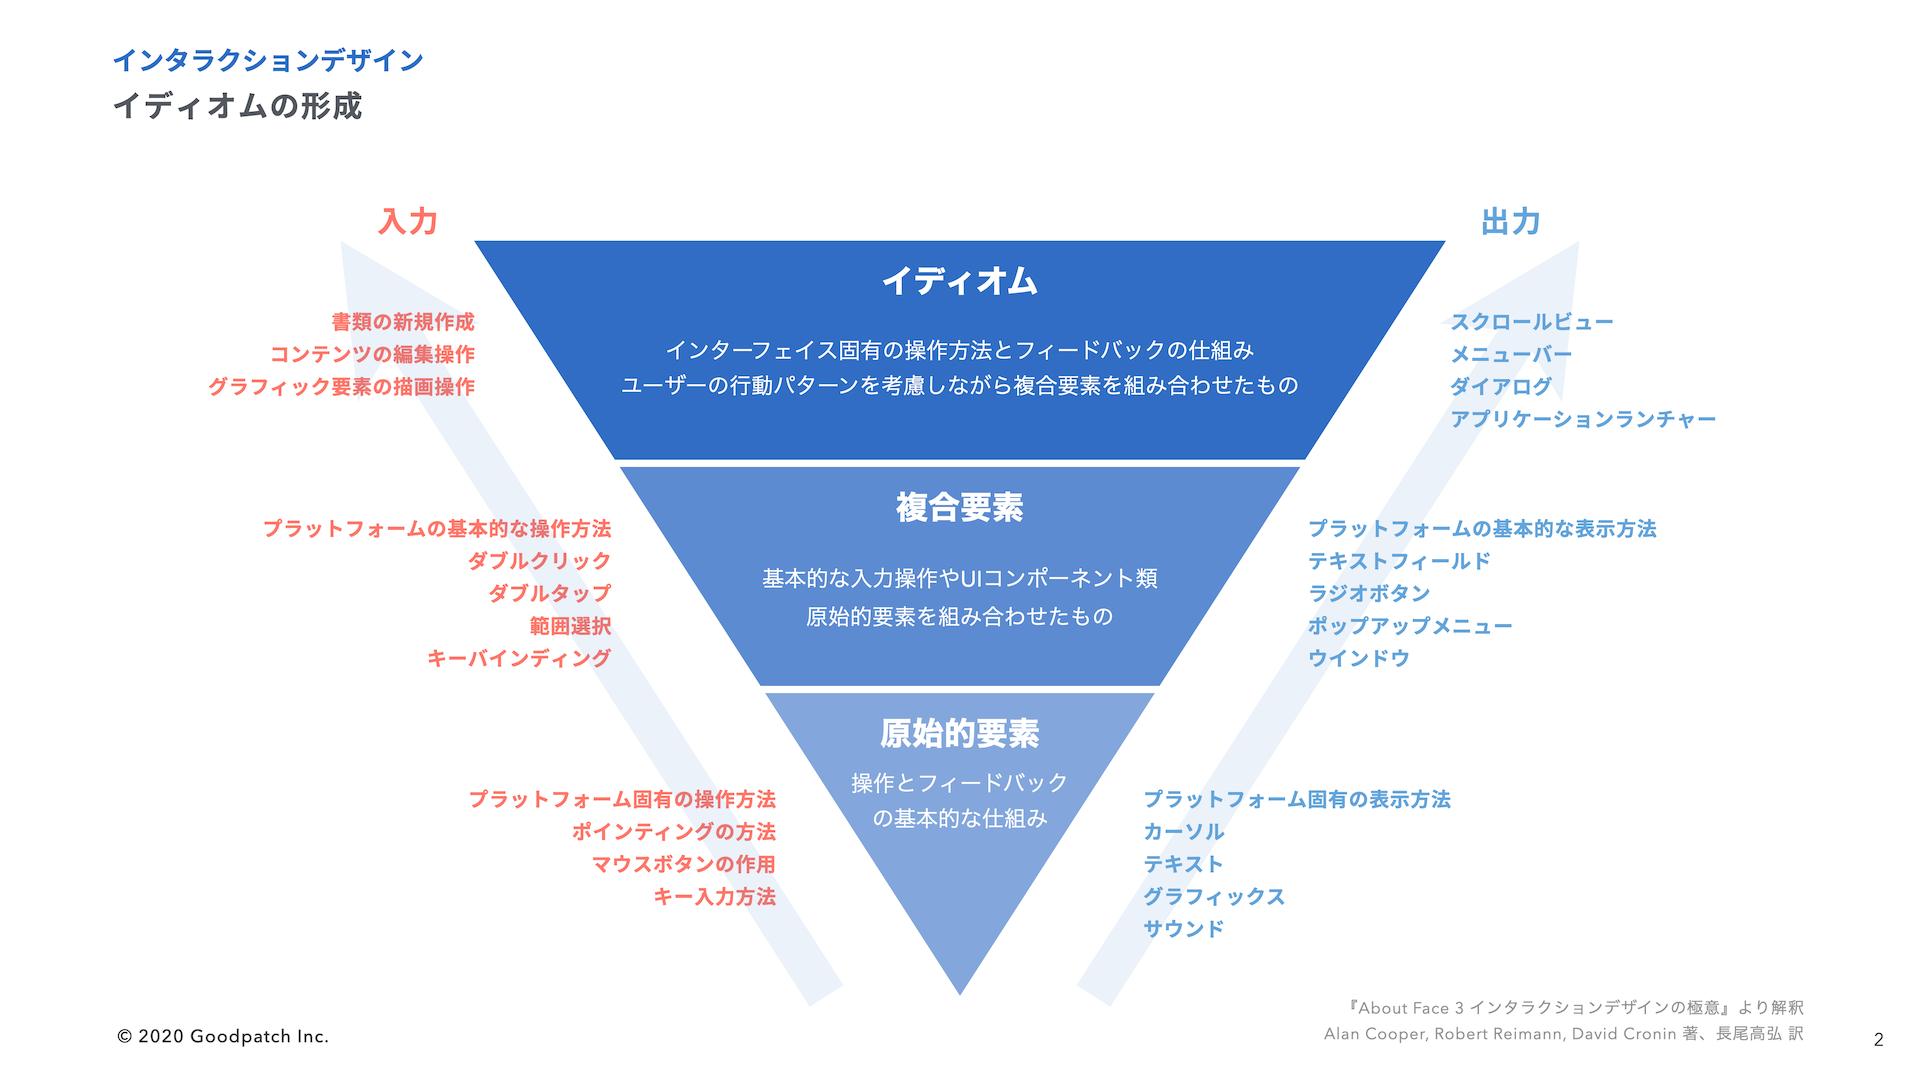 イディオムの形成モデル